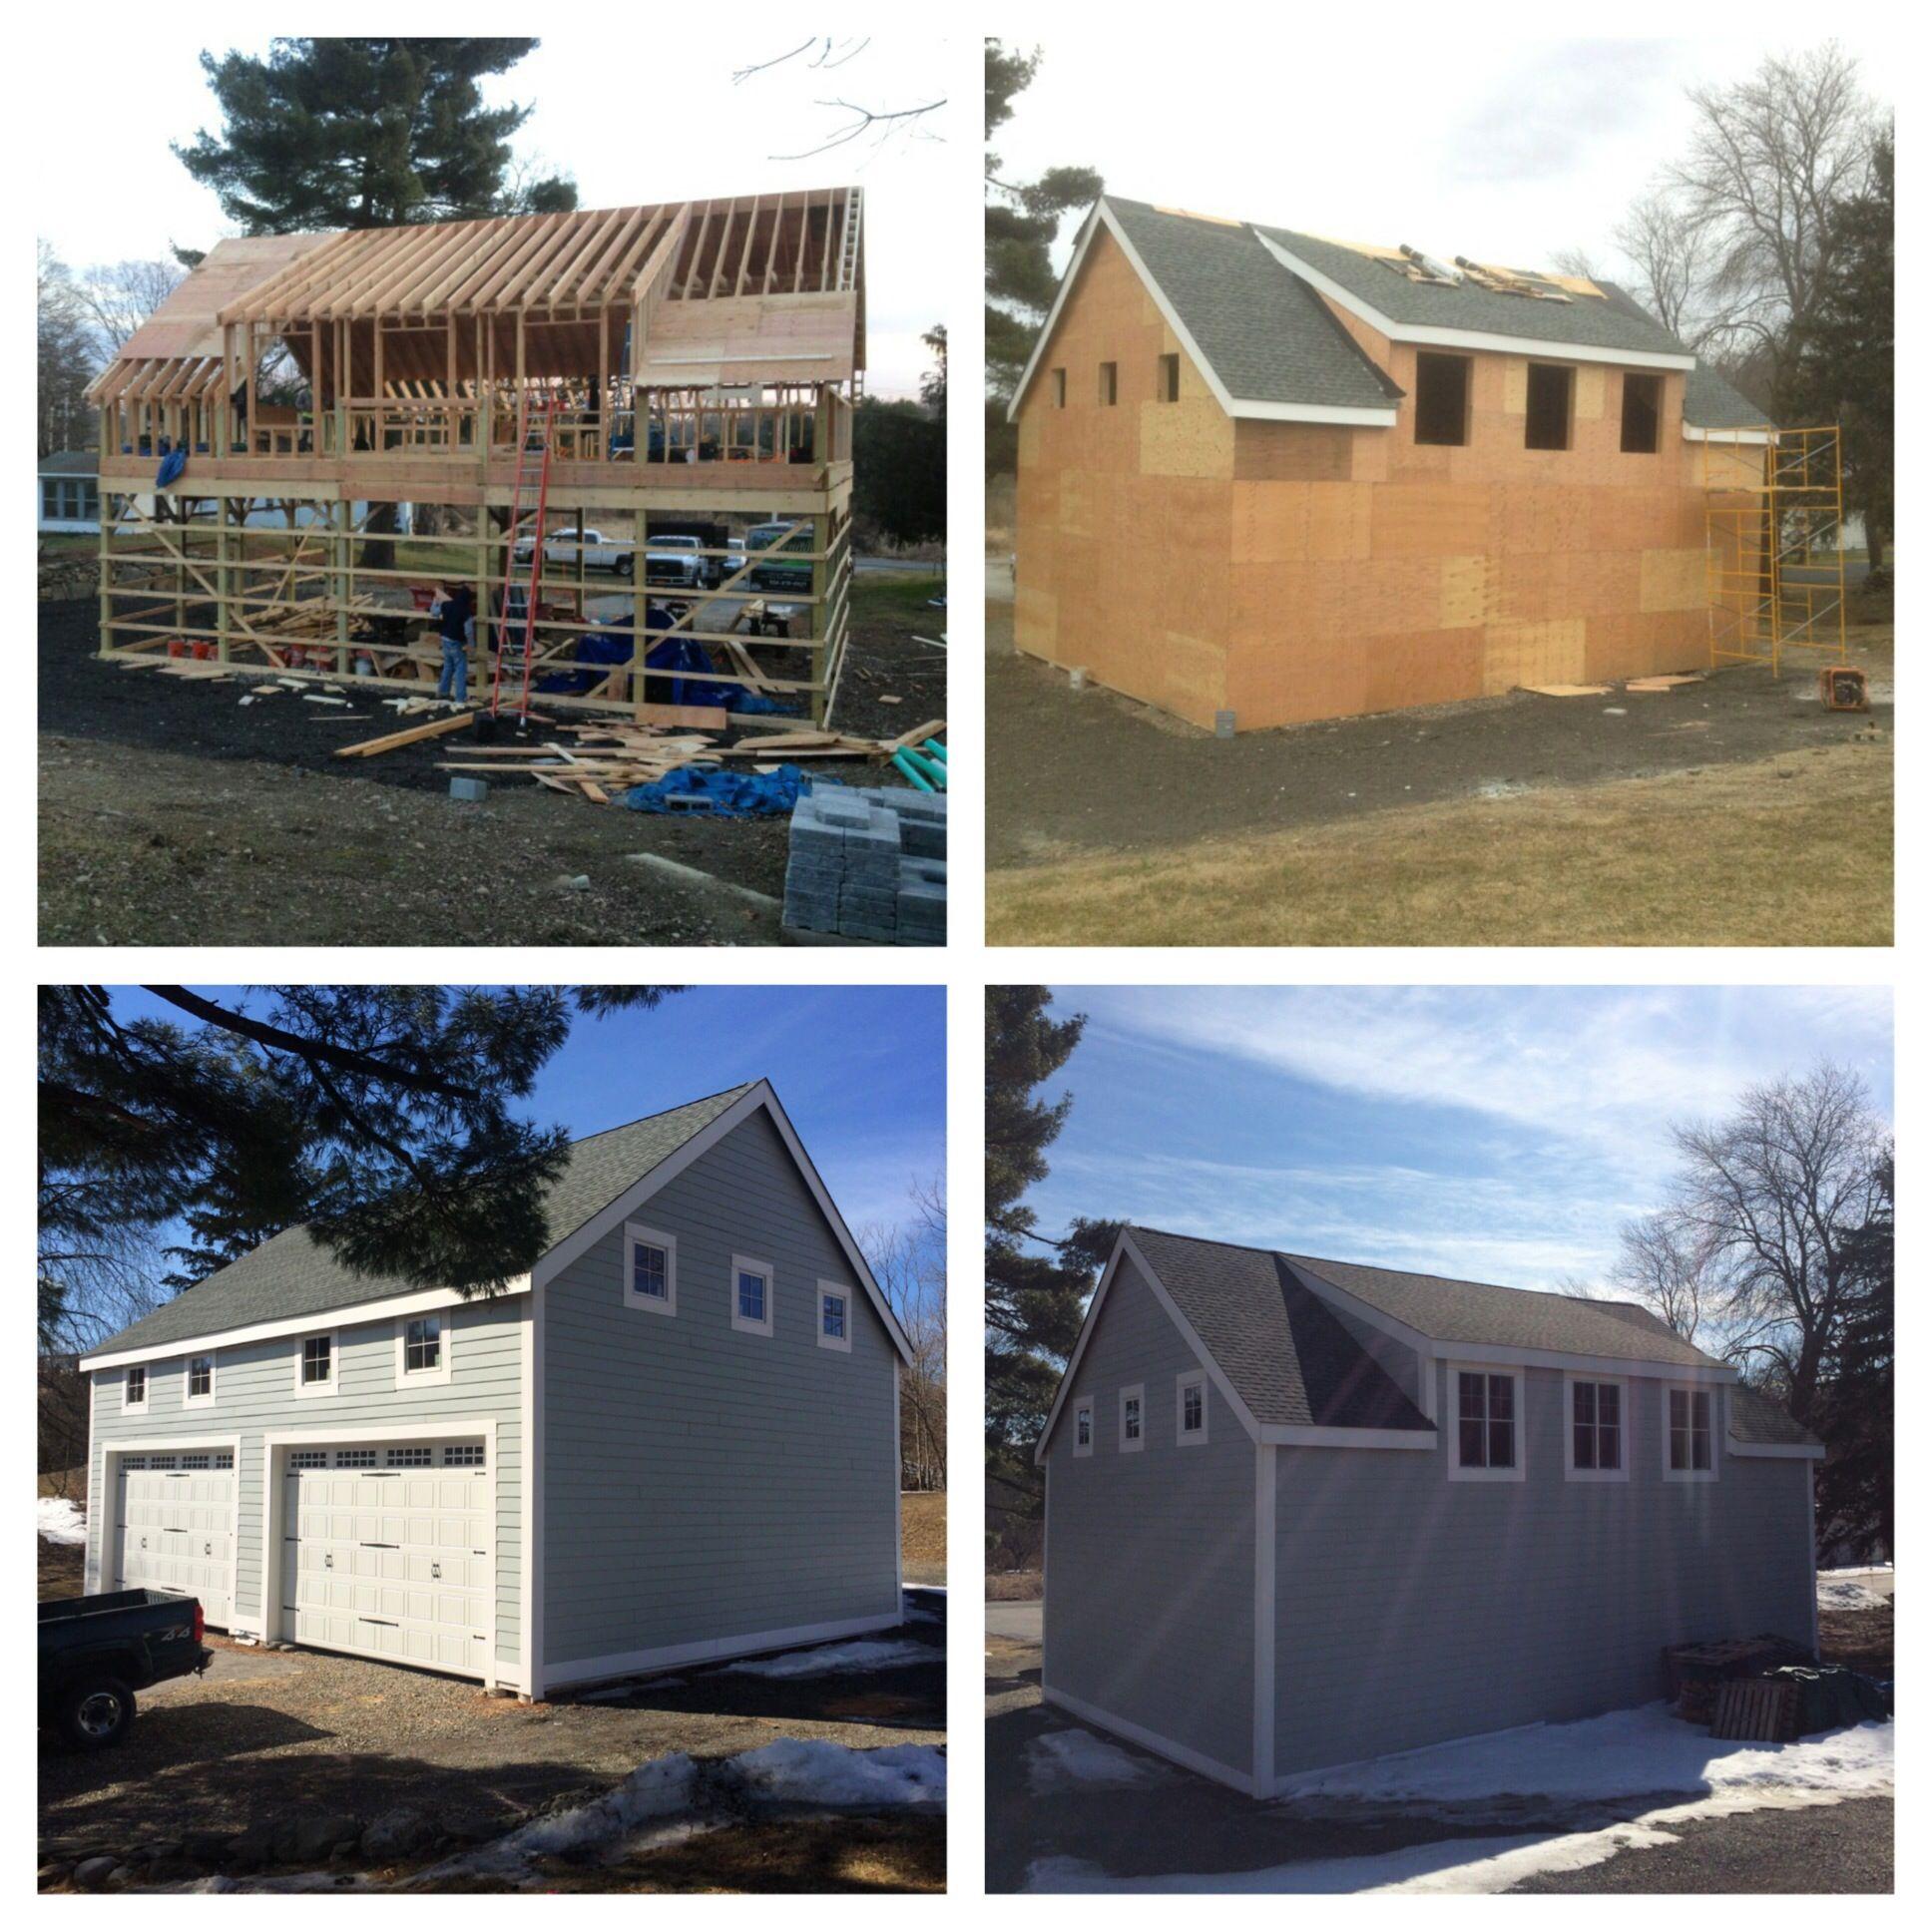 Full barn construction in Lagrangeville, NY